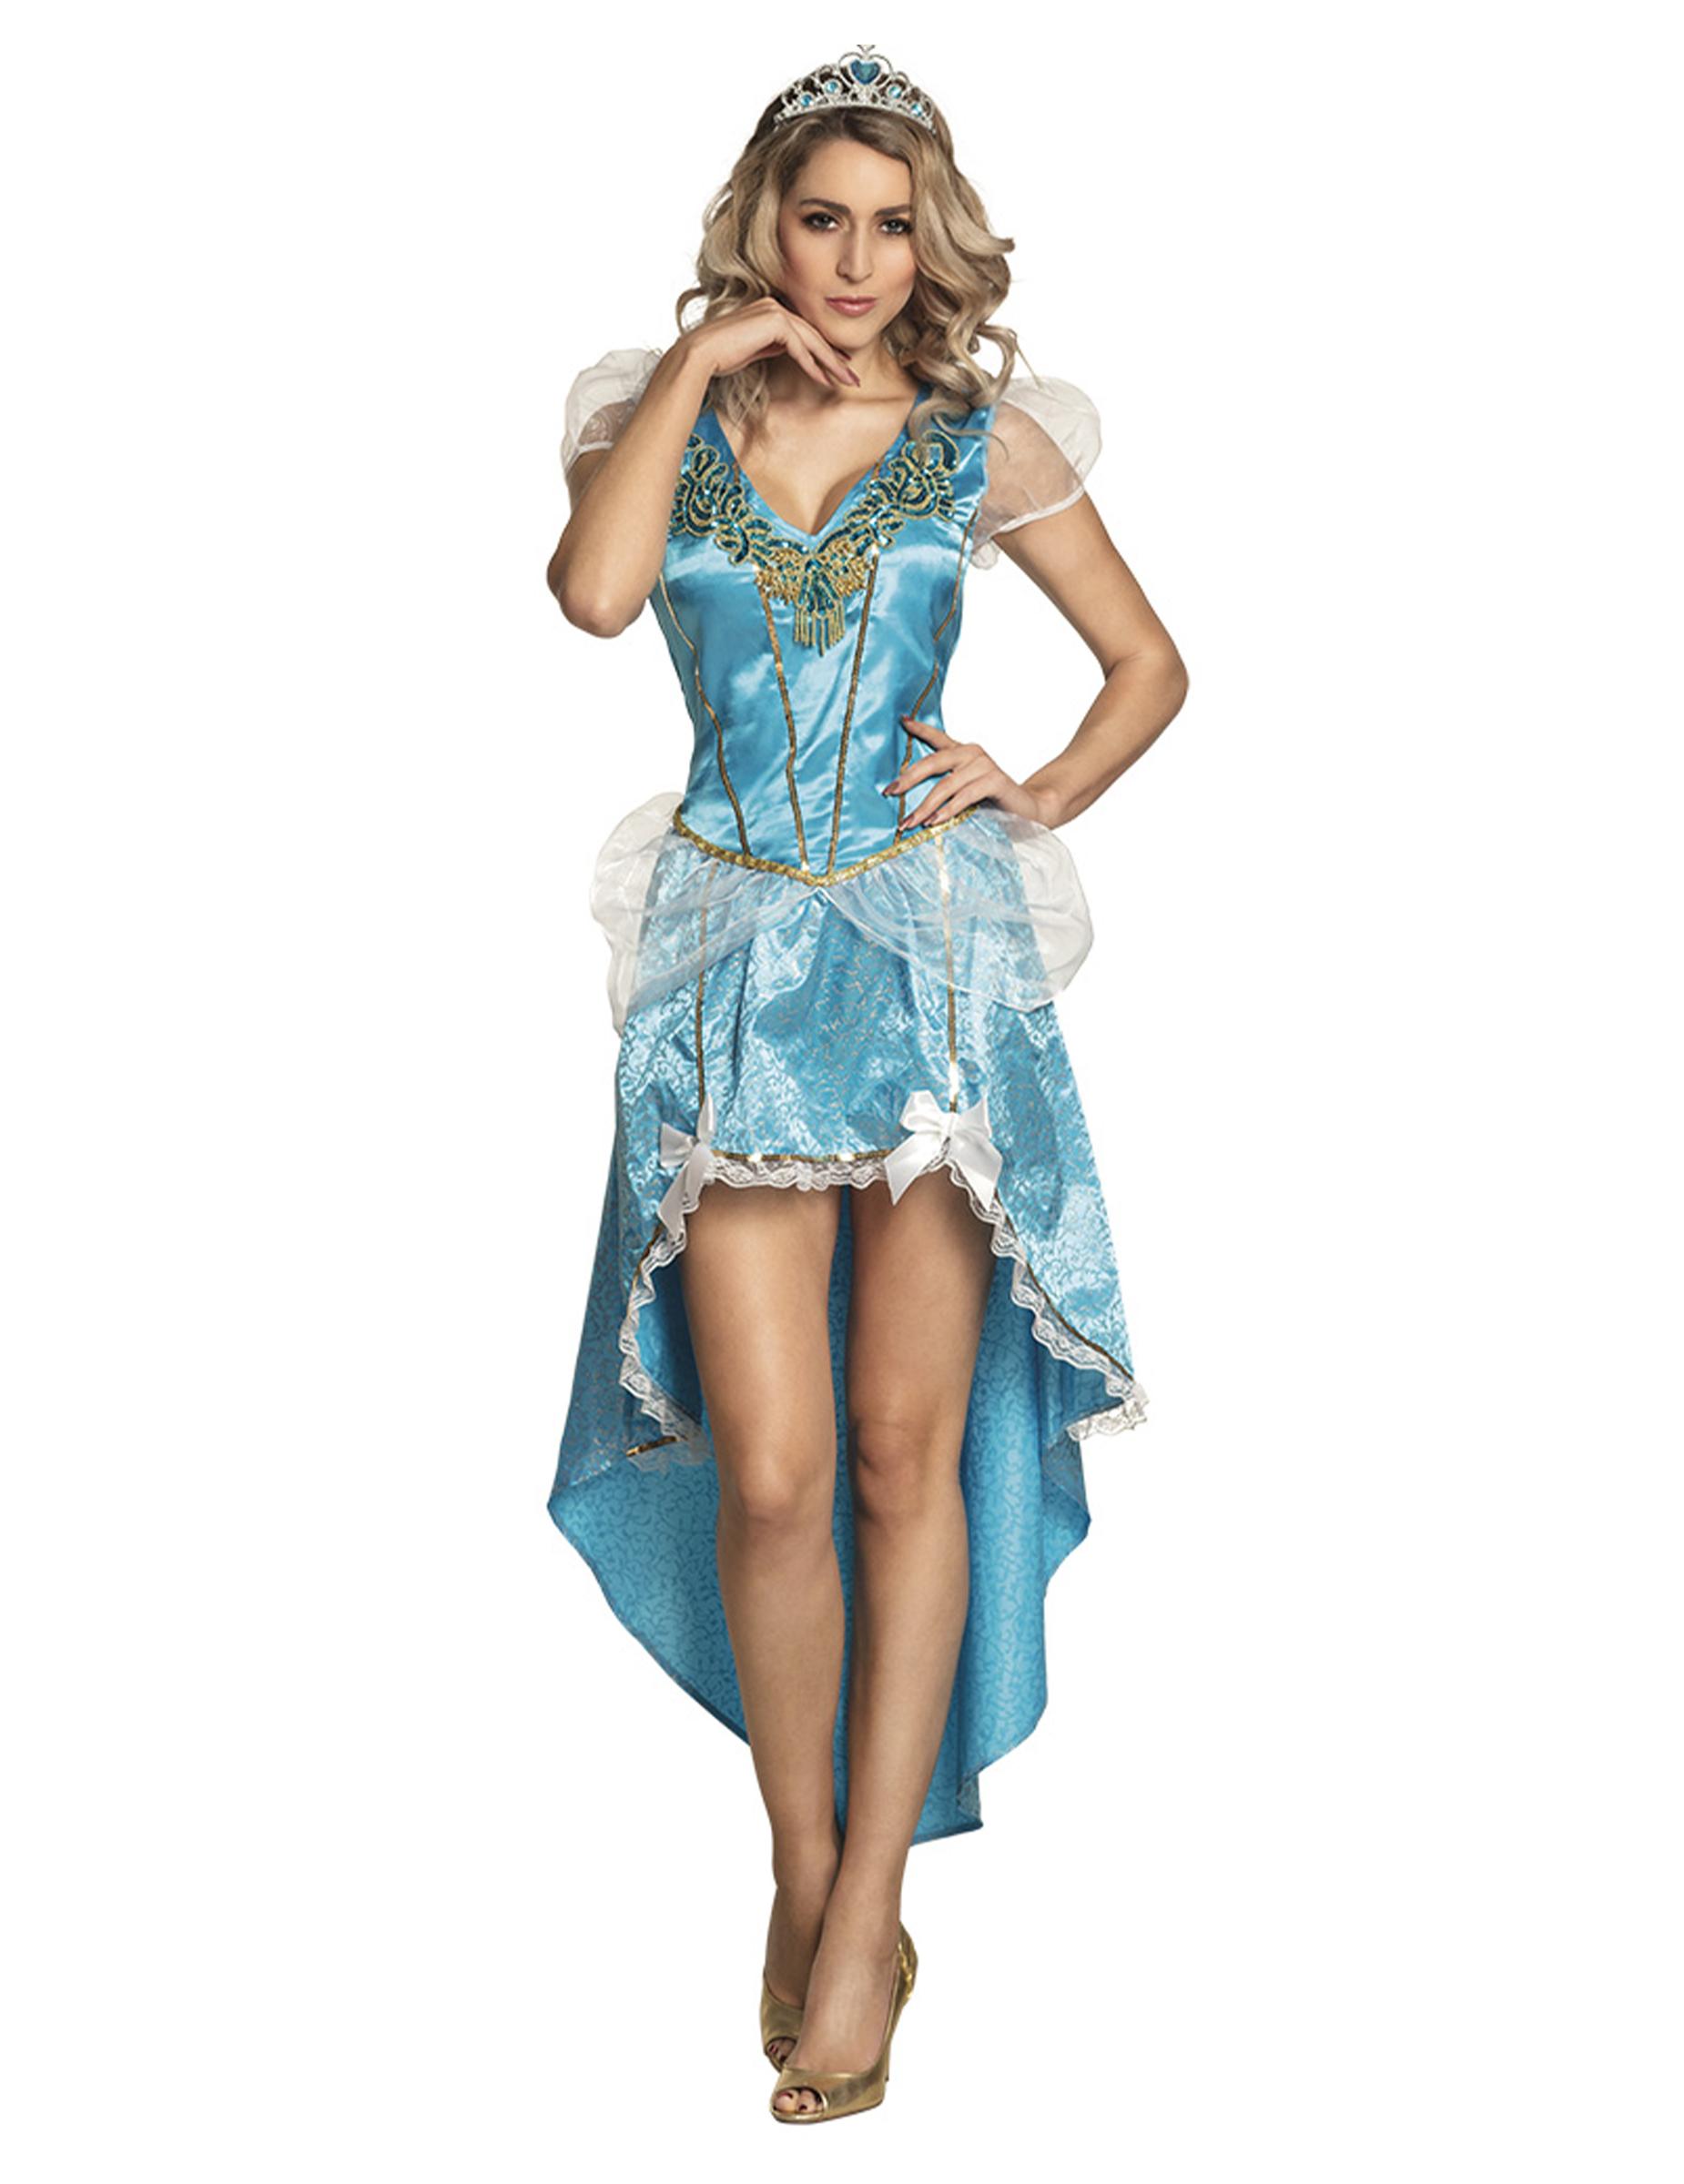 bezauberndes prinzessinnen-kostüm für damen hellblau-weiss-gold